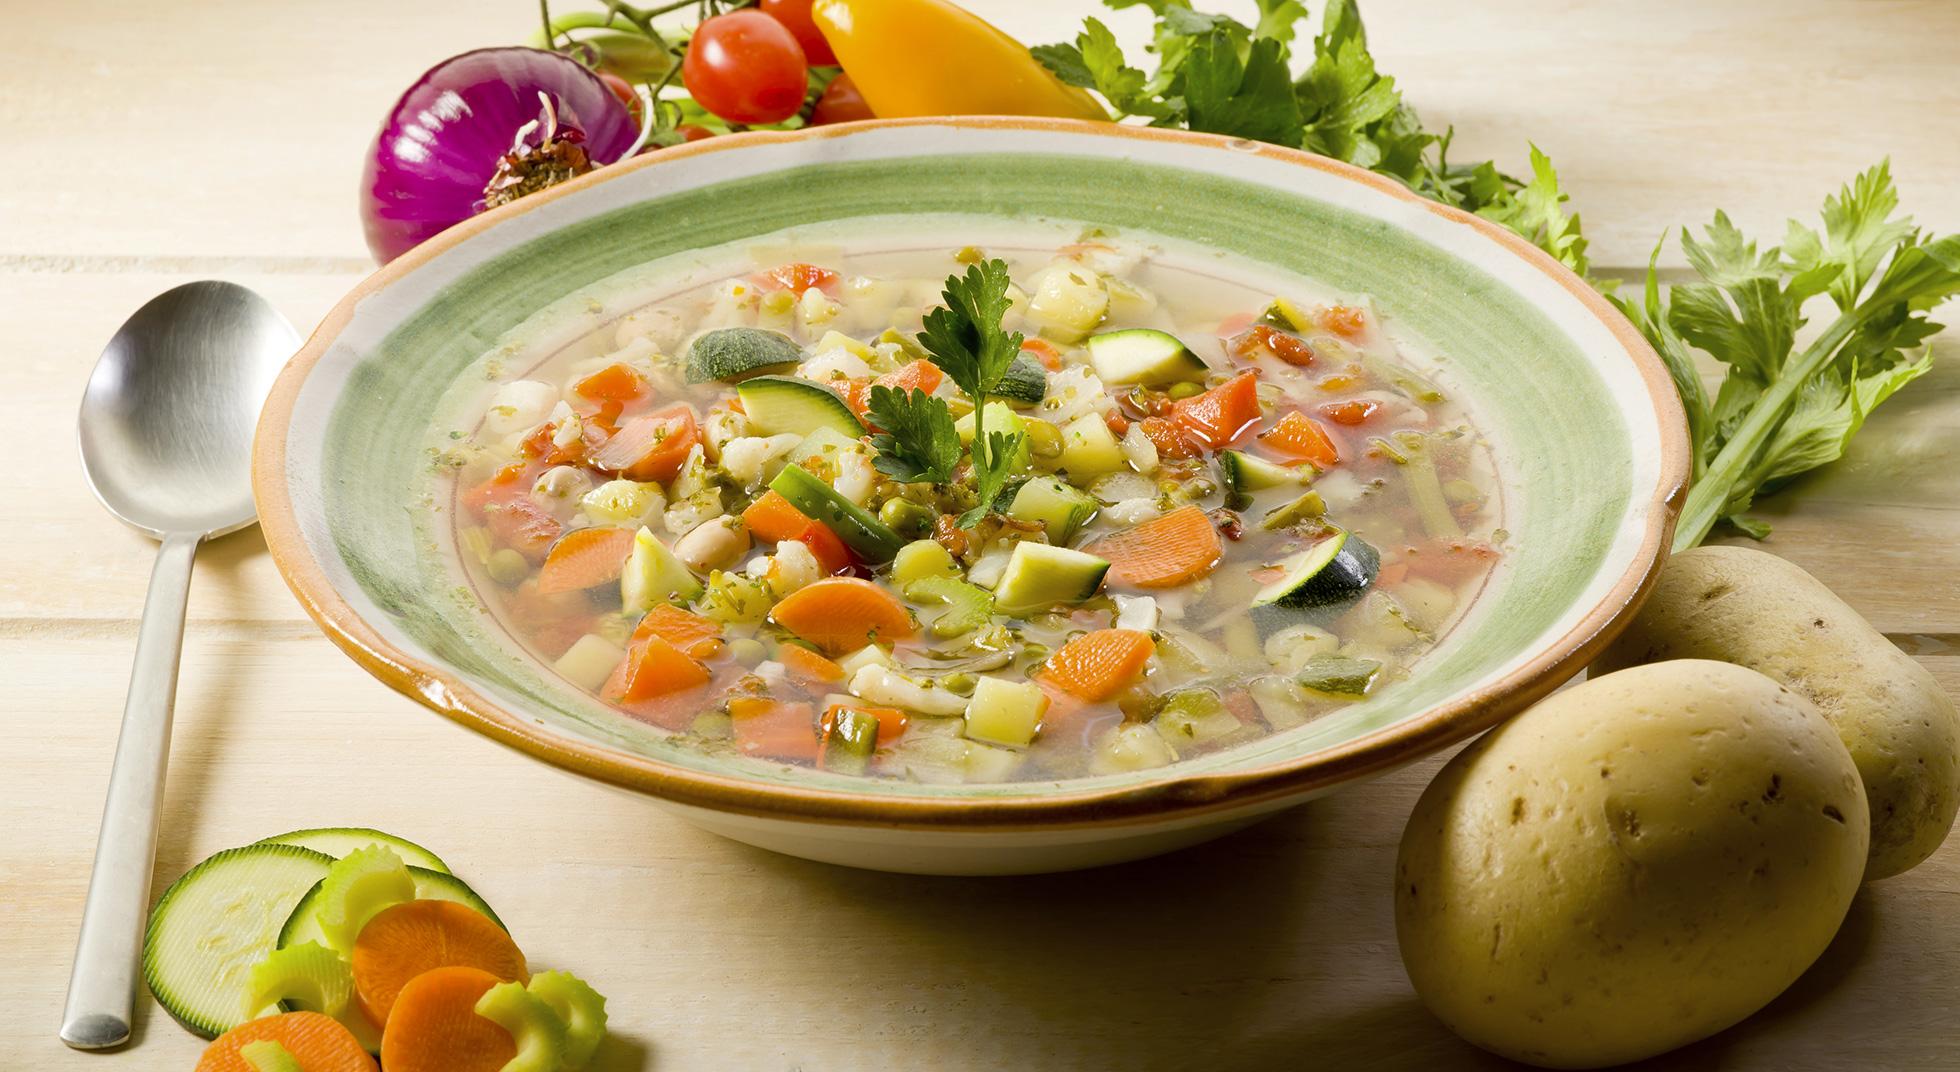 come cucinare il minestrone: suggerimenti e ricette | aia food - Come Si Cucina Il Minestrone